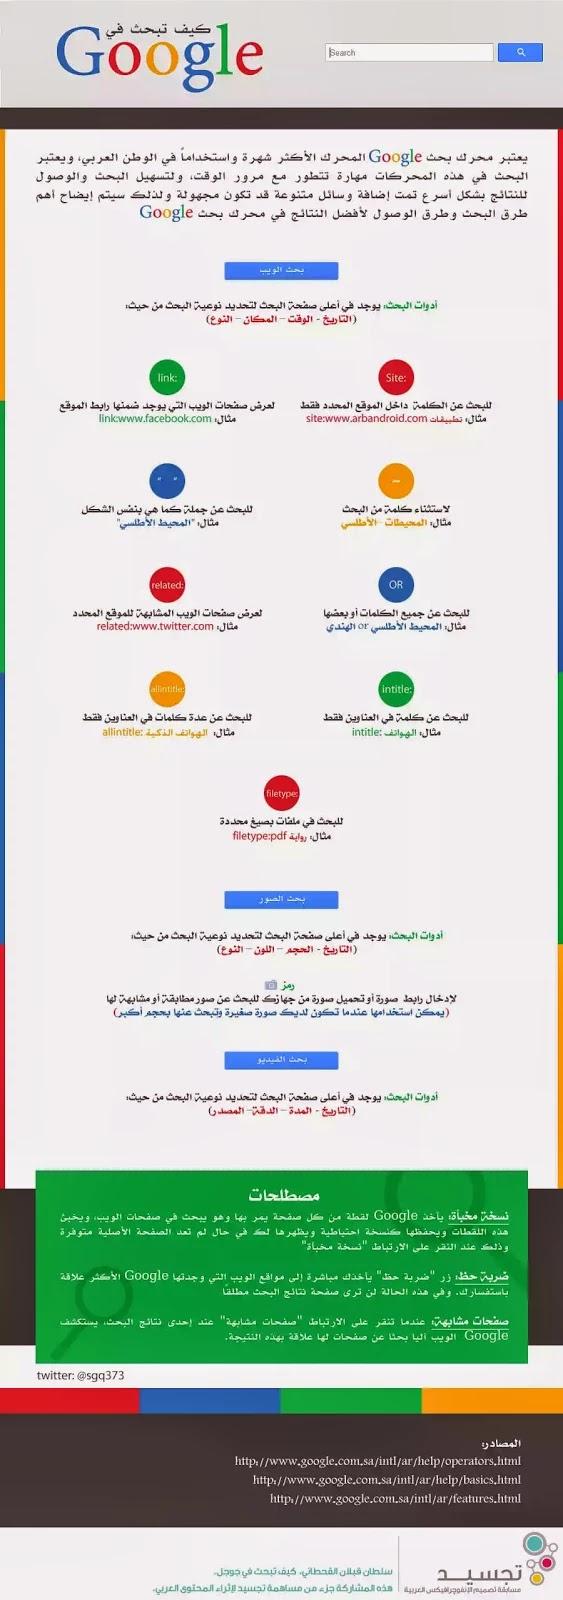 البحث فى جوجل -مجانين كمبيوتر